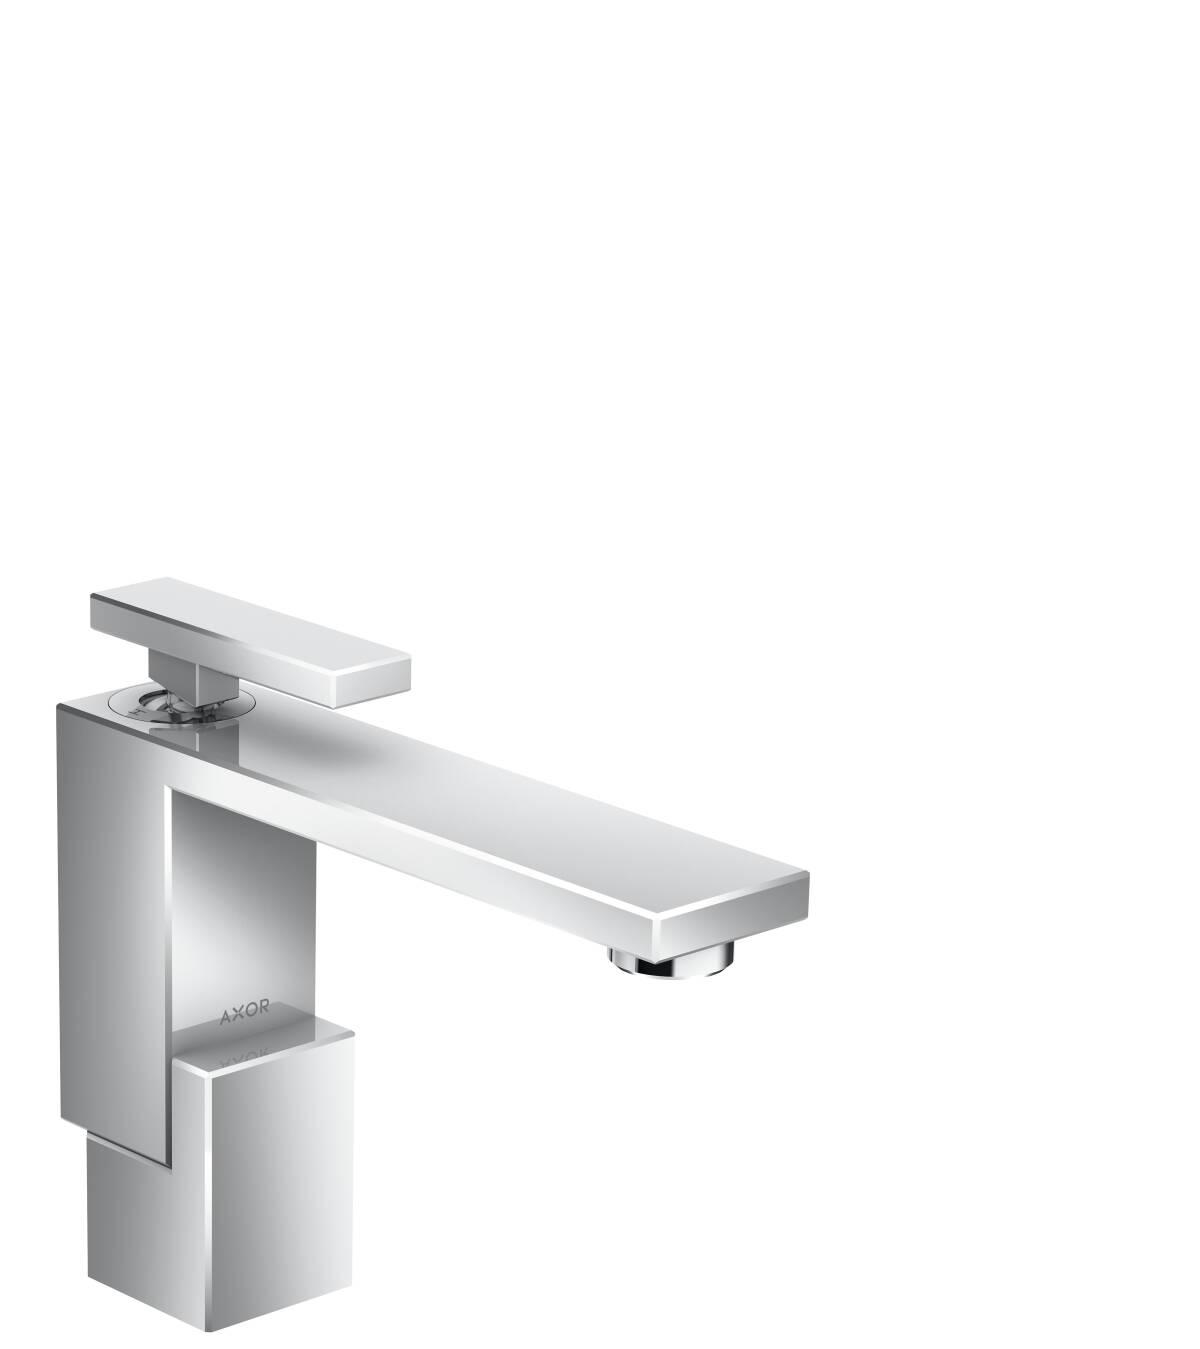 Mezclador monomando de lavabo 130 con vaciador push-open, cromo, 46010000